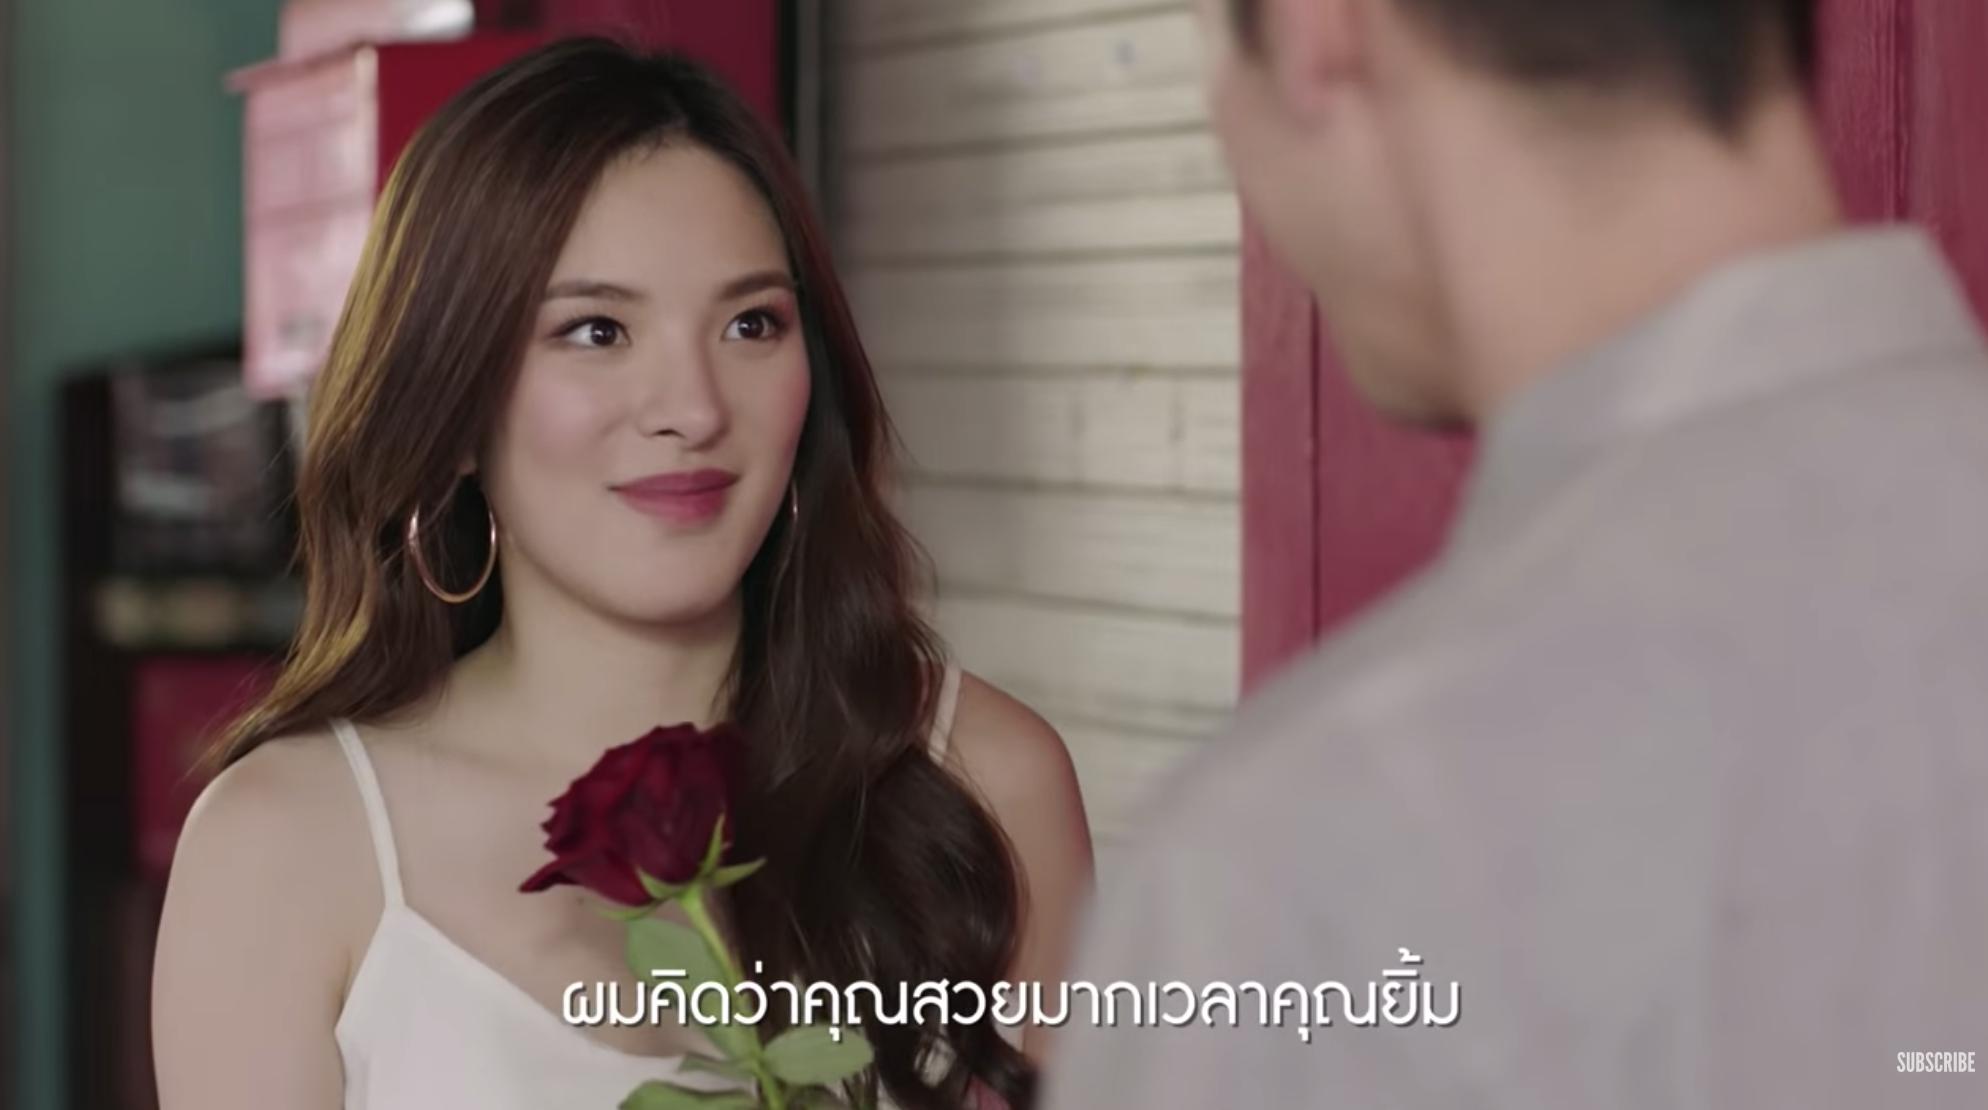 Jun Vũ bất ngờ xuất hiện liếc mắt đưa tình với HLV gốc Việt của The Face trong trailer phim Thái - Ảnh 4.